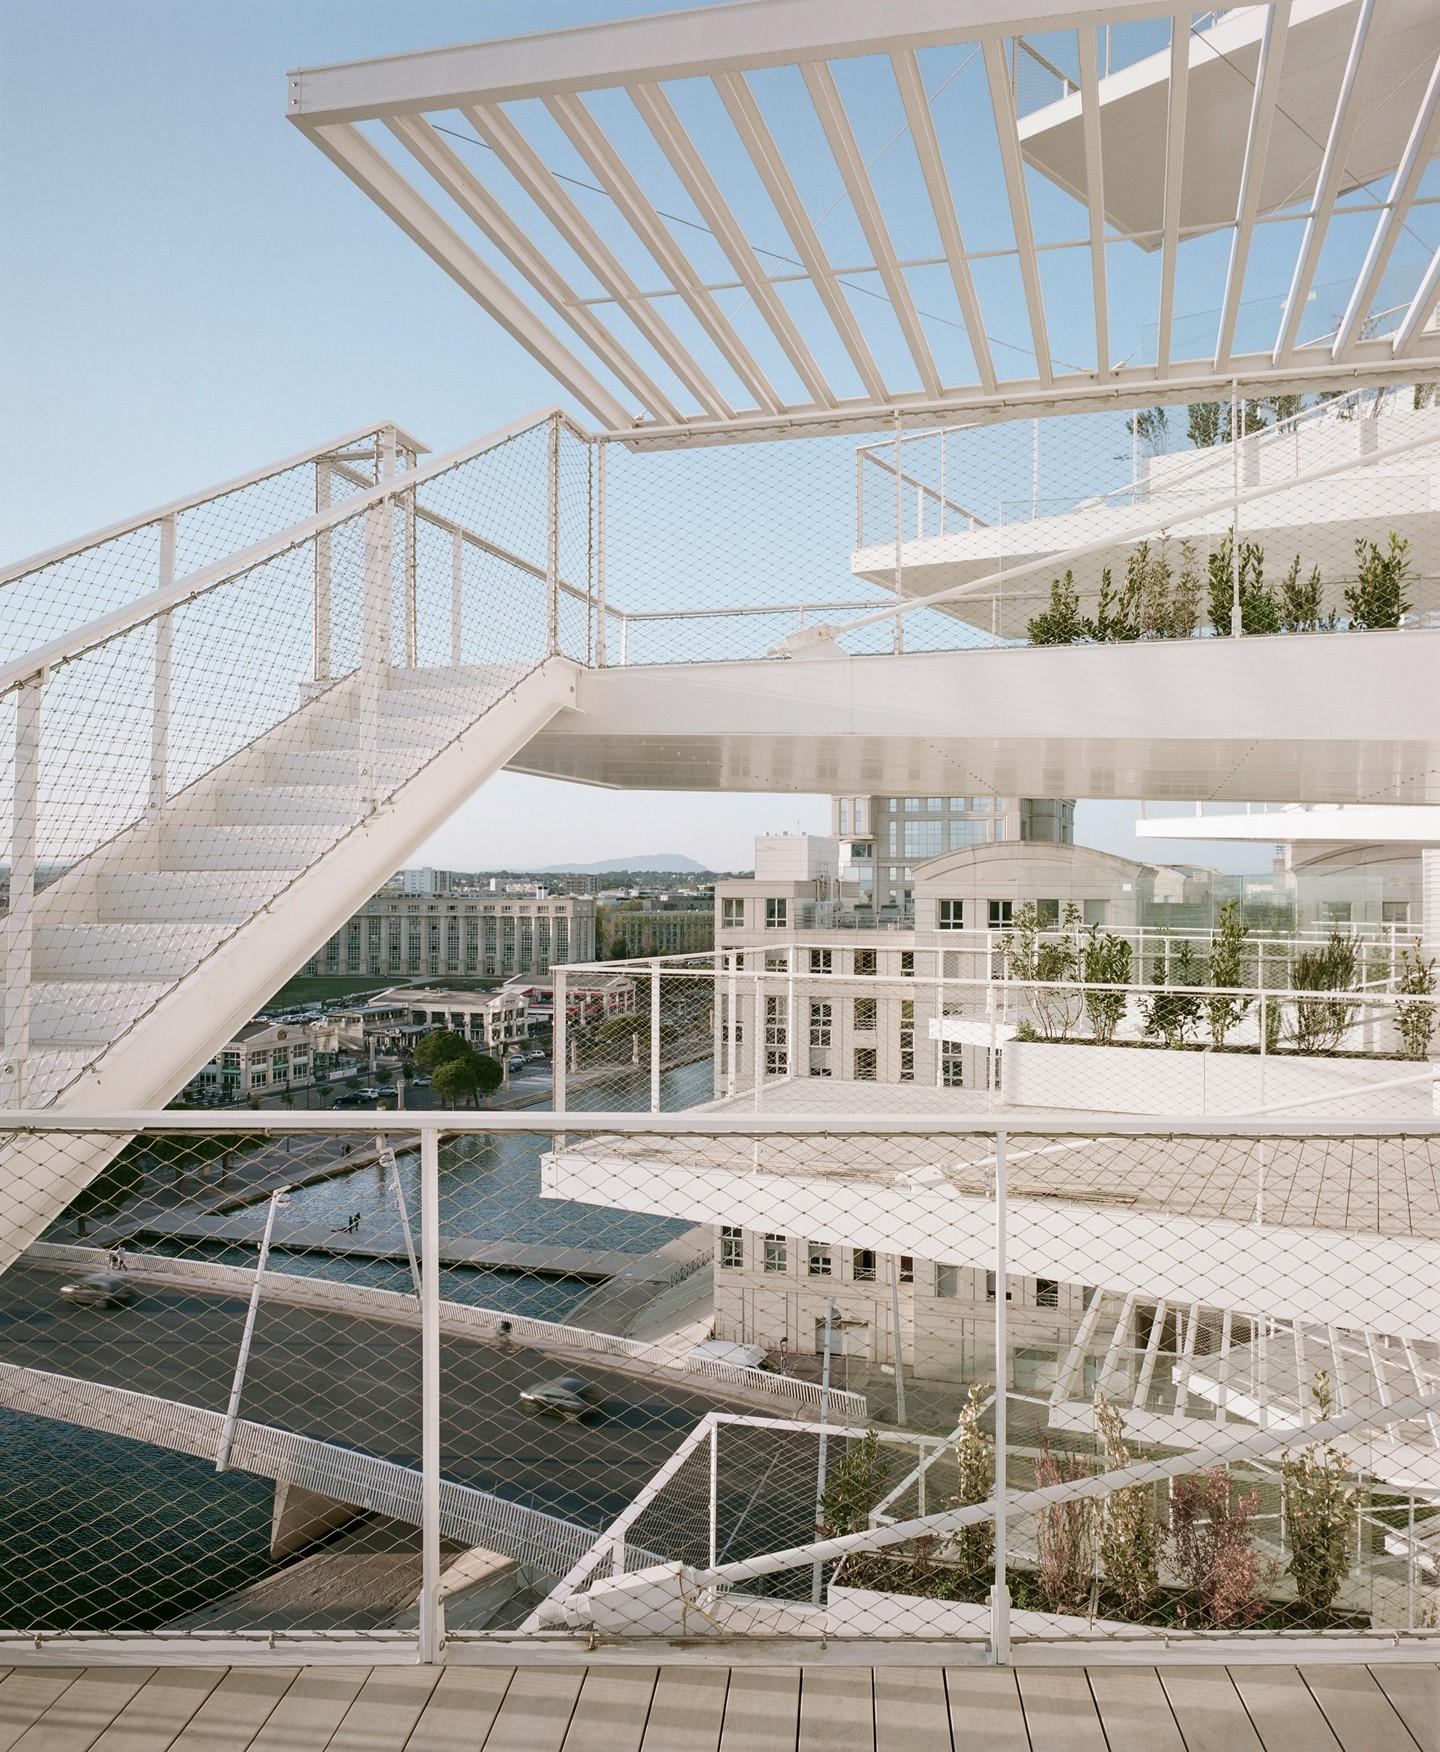 Varandas se espalham como pétalas de flor em novo prédio de Sou Fujimoto (Foto: Divulgação)